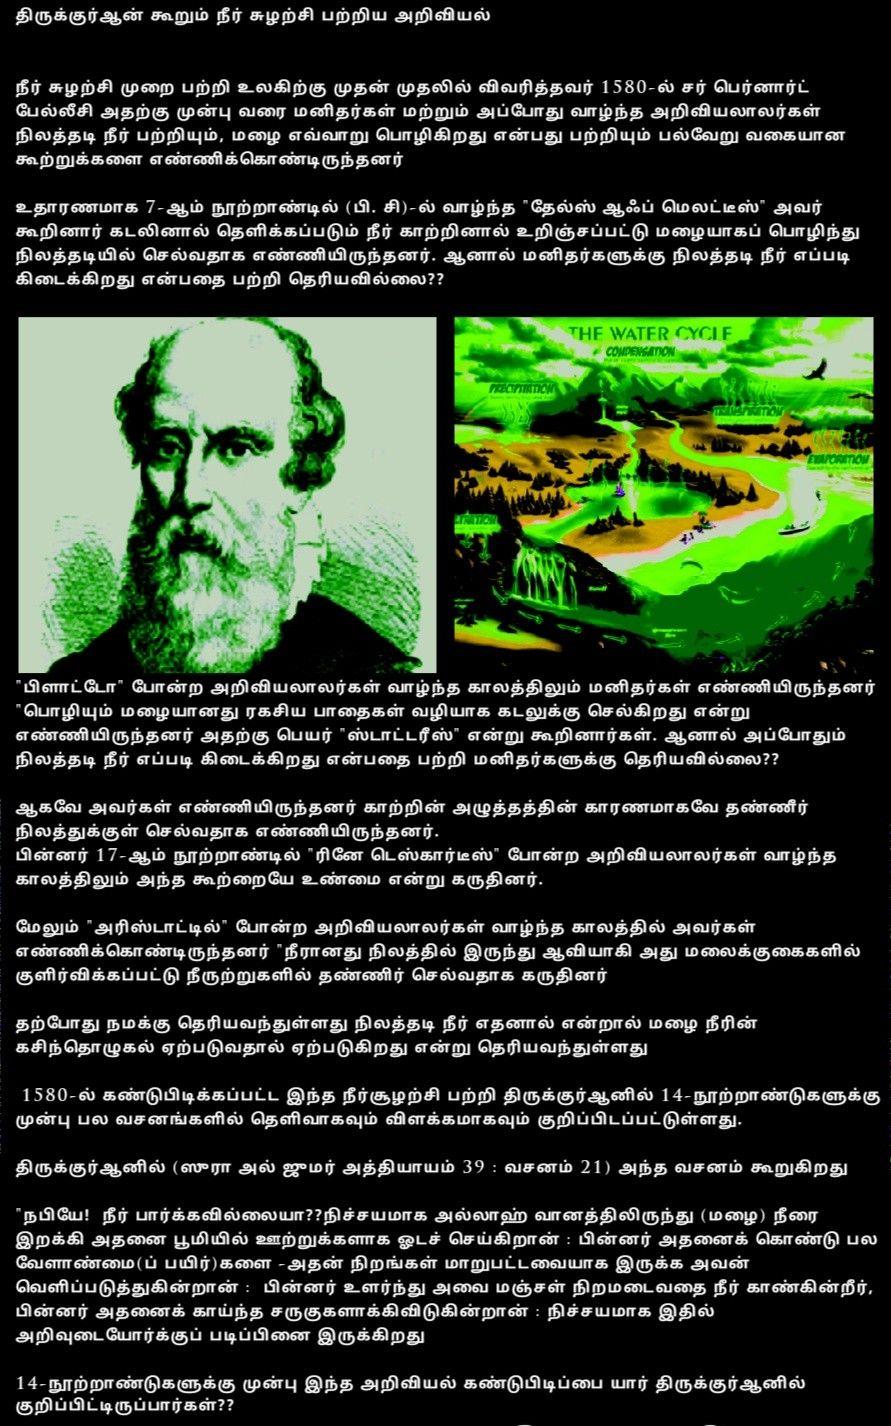 நீர்சுழற்சி பற்றி திருக்குர்ஆன் கூறும் அறிவியல் in 2020